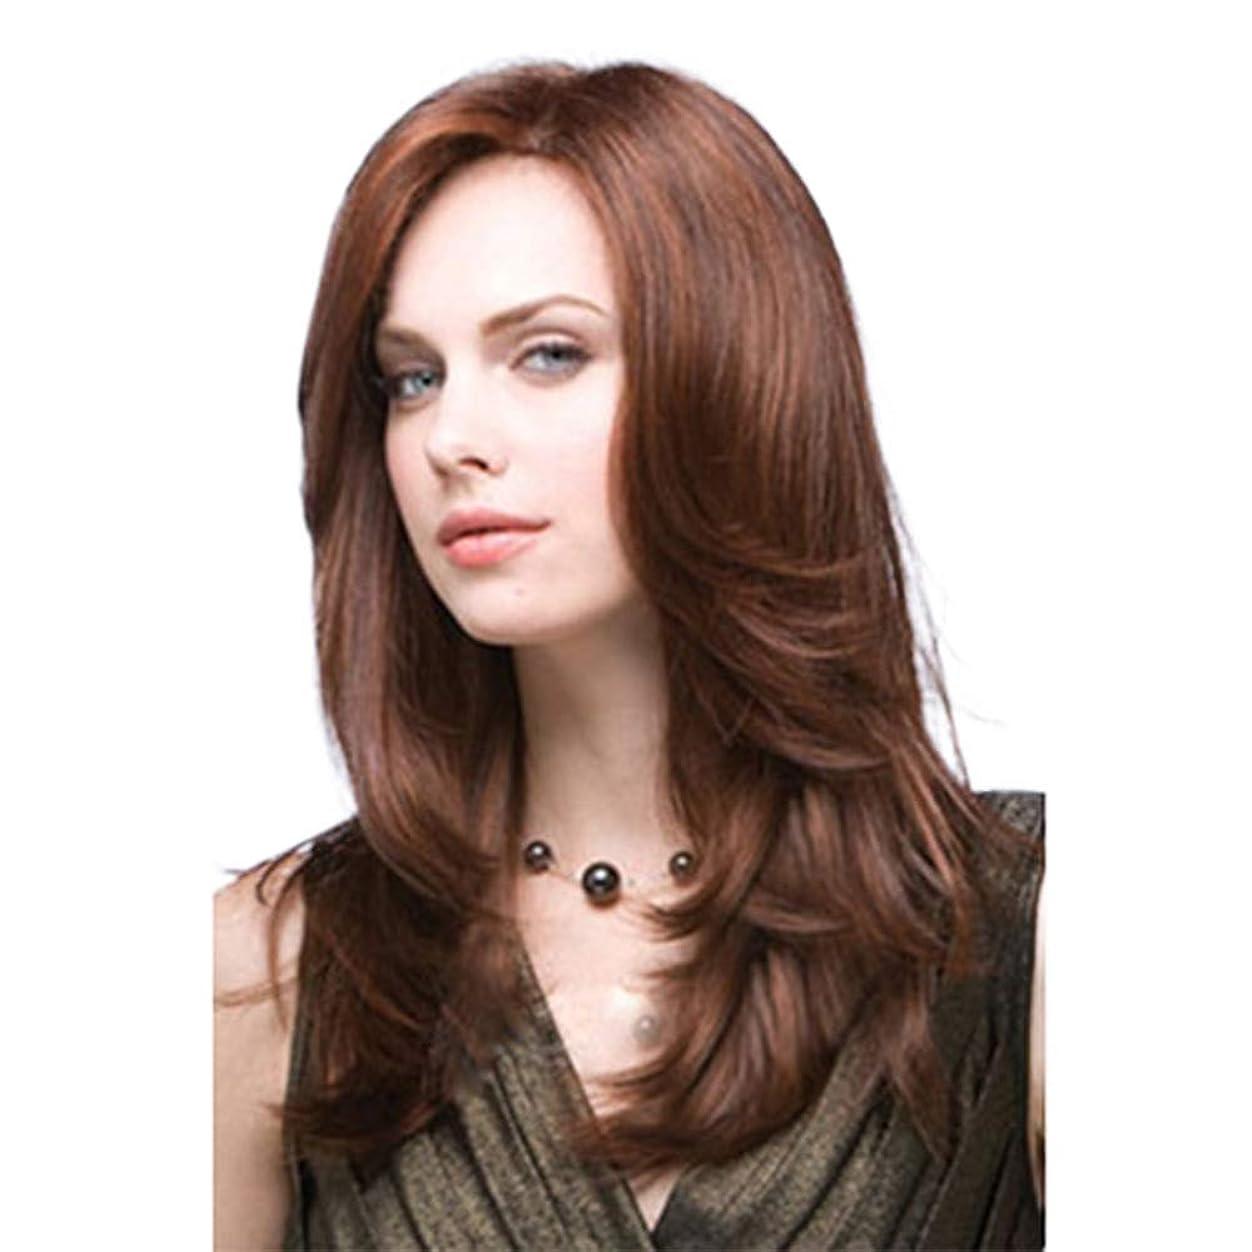 滝悪い下線Isikawan 女性のための斜め前髪かつらカーリーウェーブ16インチロングヘア人工毛デイリーパーティー (色 : ブラウン, サイズ : 16